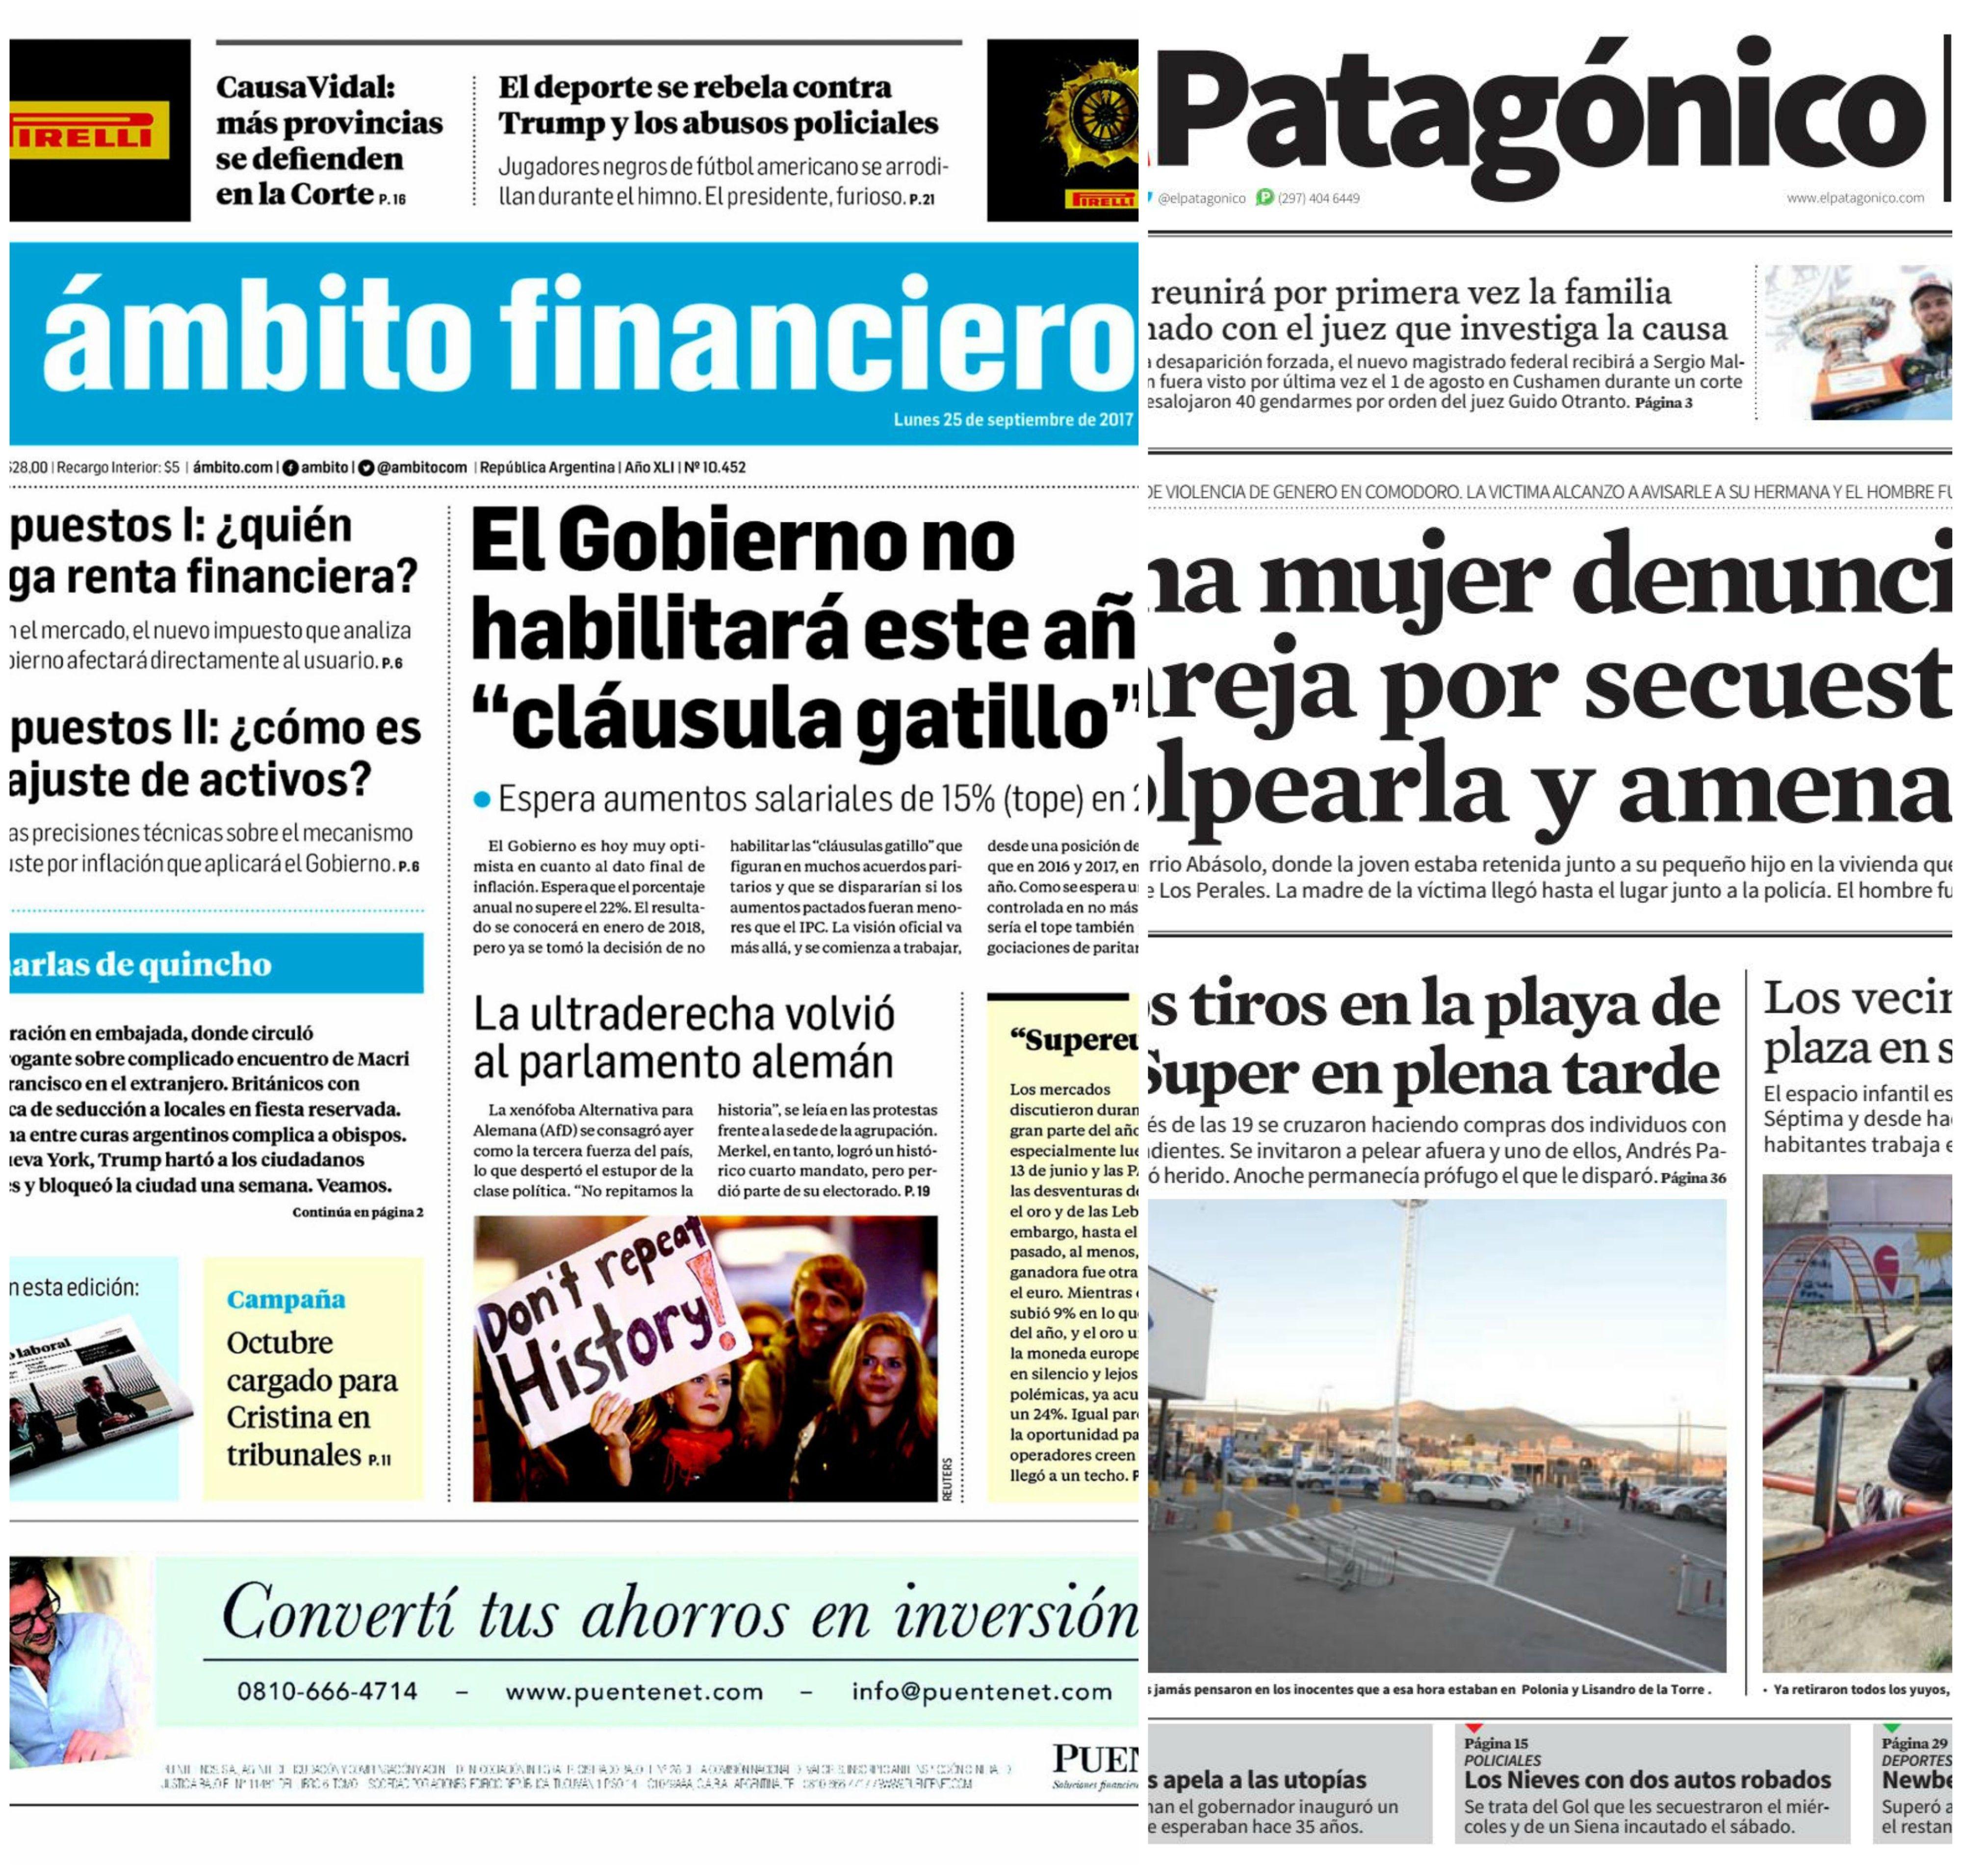 Tapas de diarios del lunes 25 de septiembre de 2017